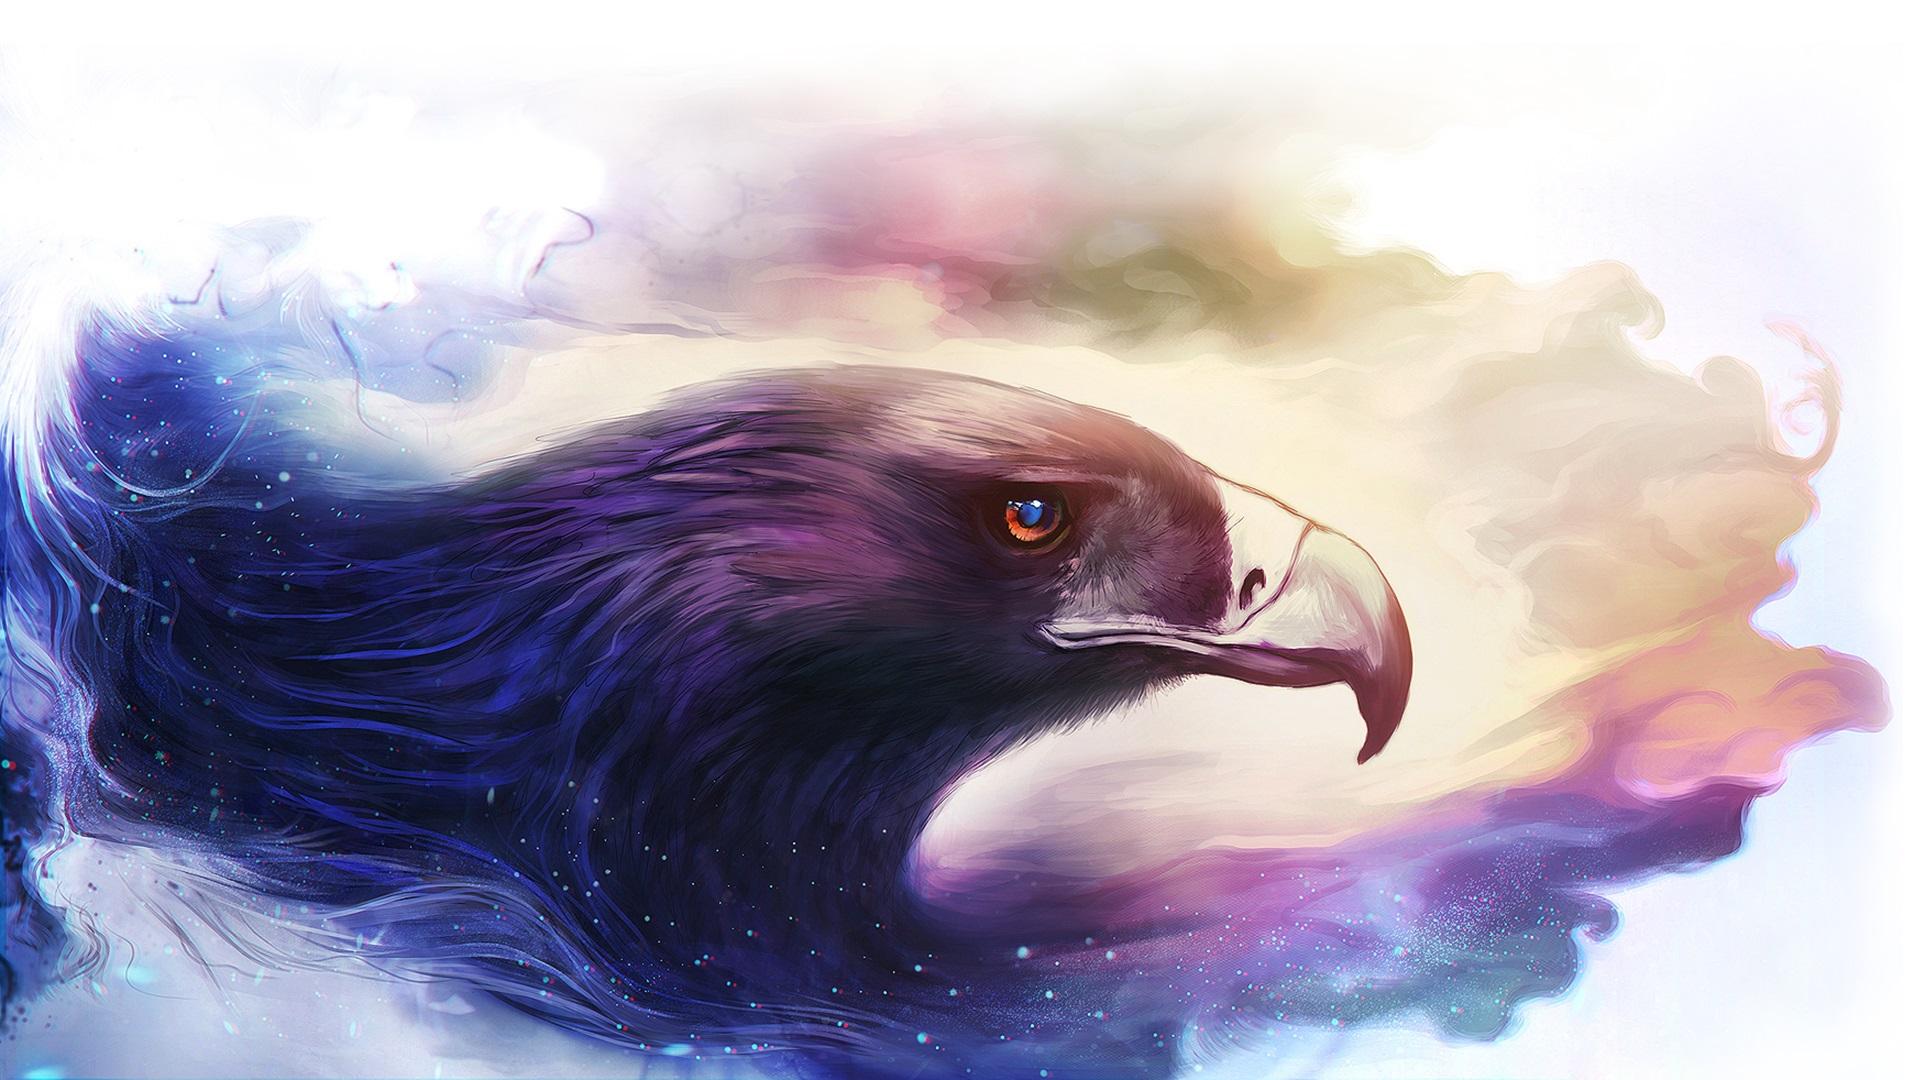 Art drawing, bird, eagle Wallpaper | 1920x1080 Full HD ... Hd Wallpaper 1920x1080 Free Download